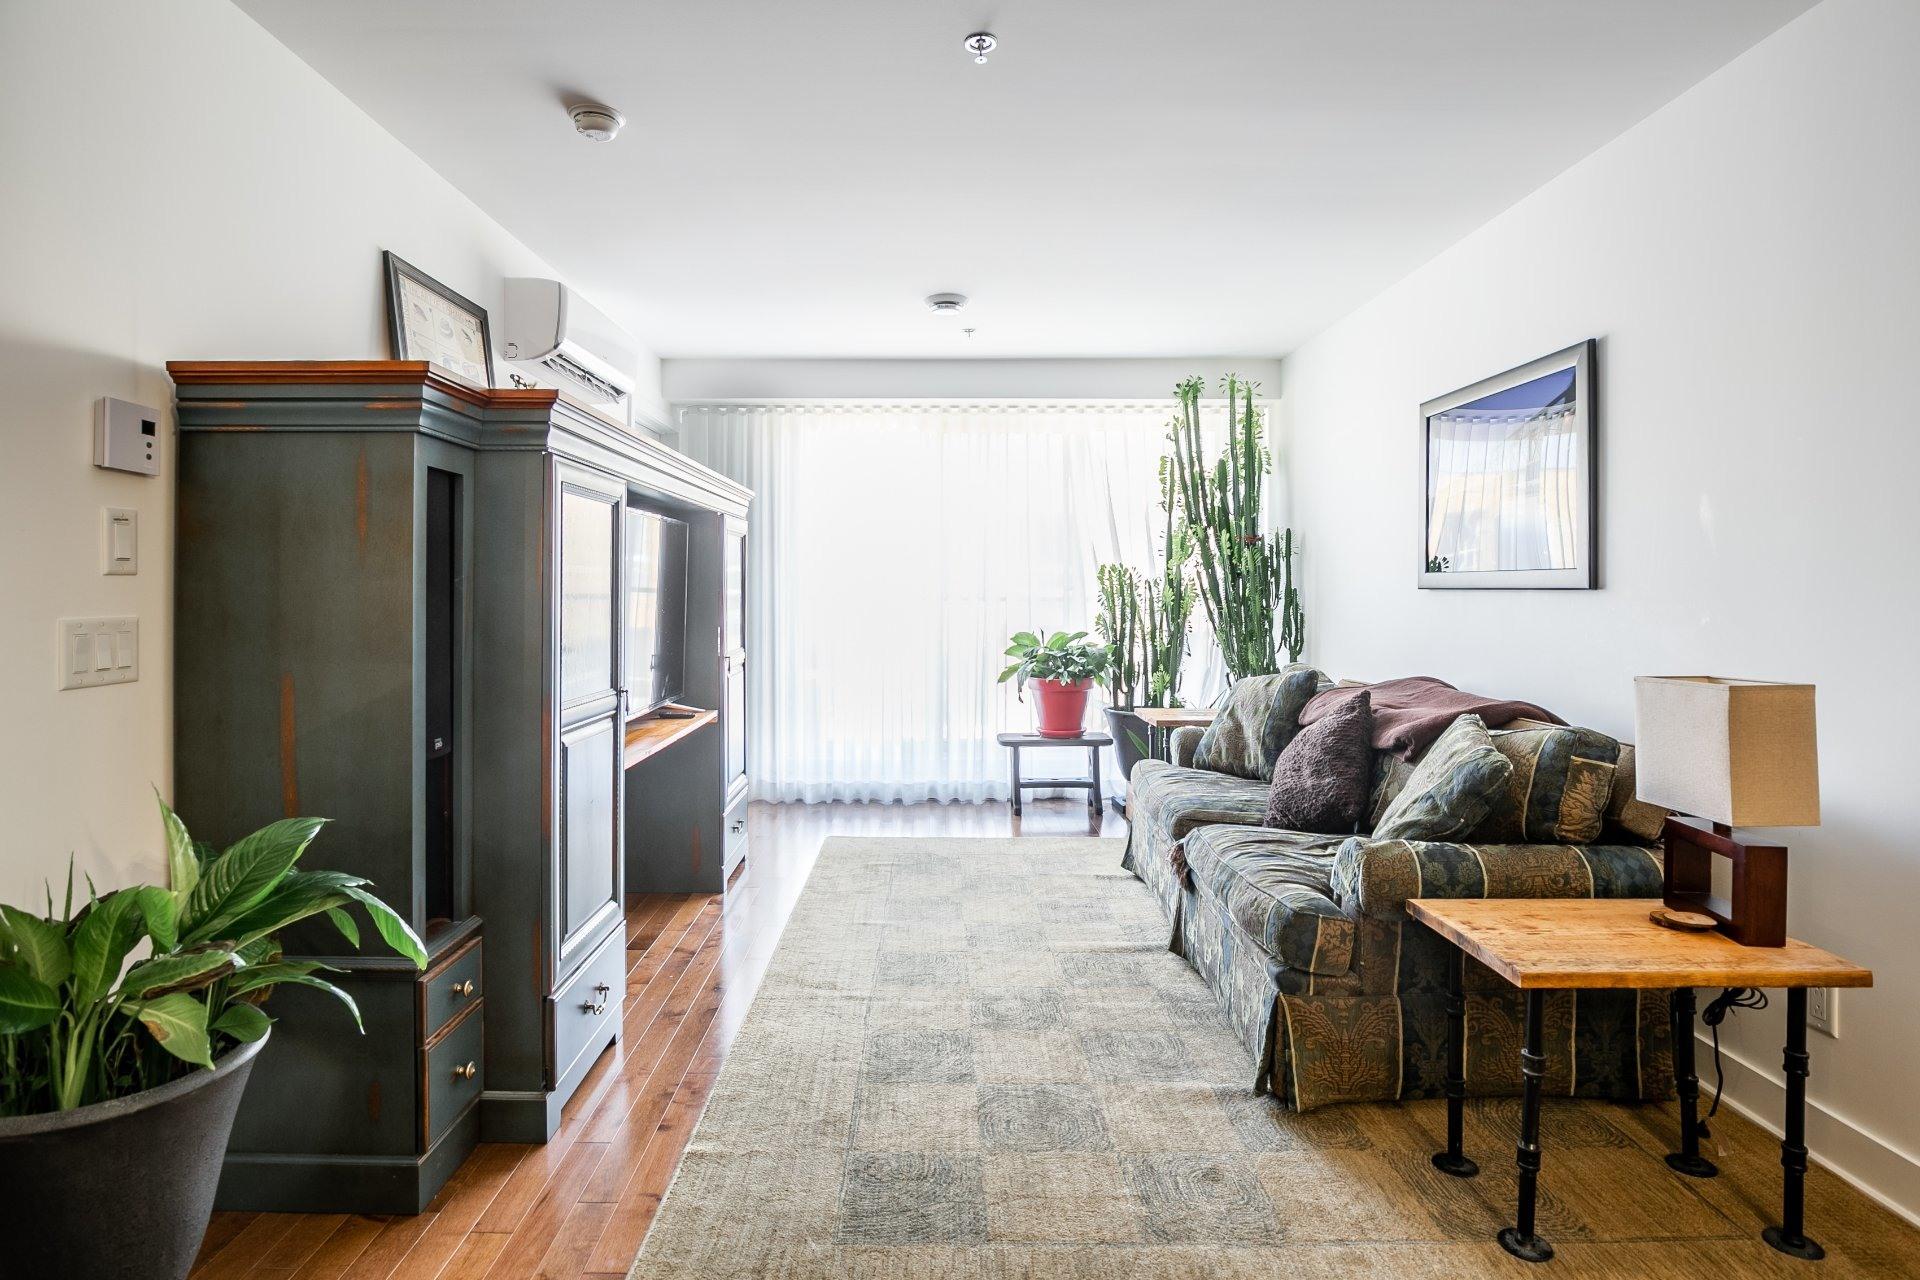 image 11 - Appartement À vendre Ahuntsic-Cartierville Montréal  - 5 pièces